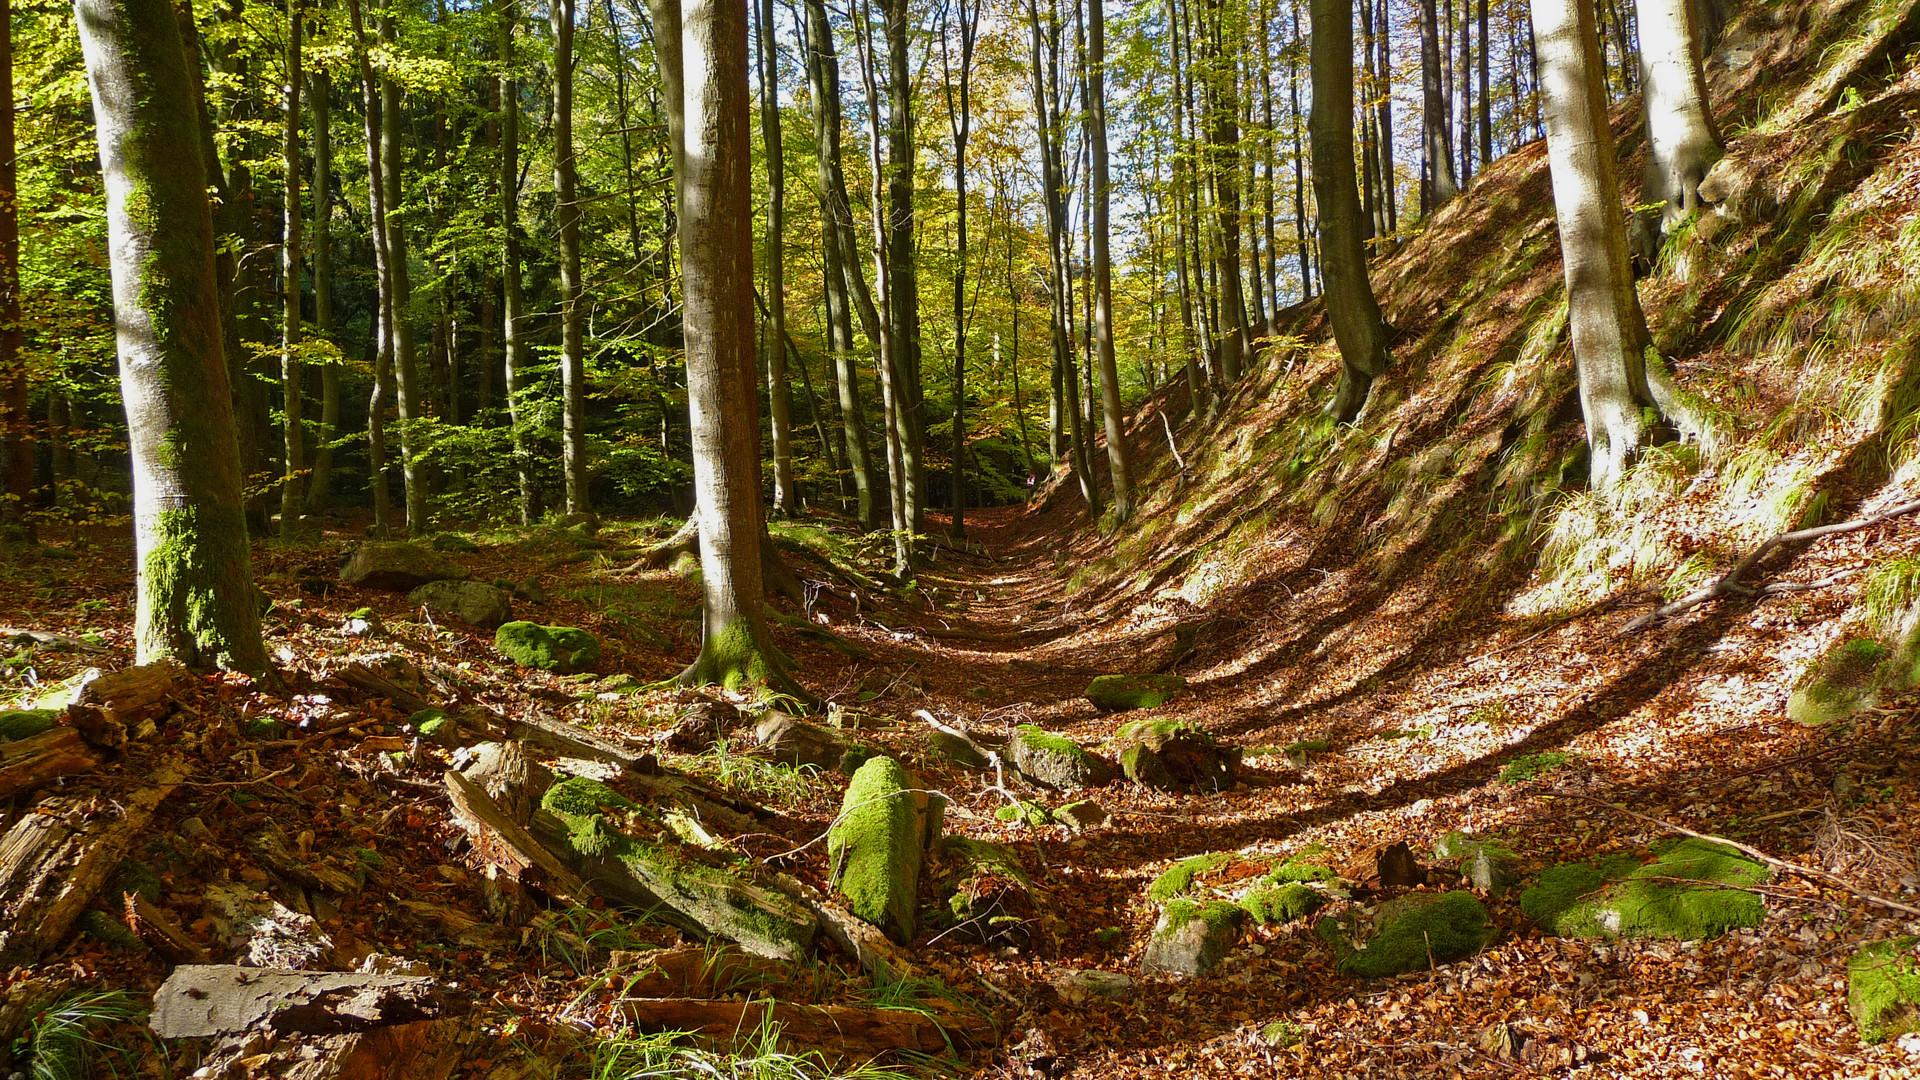 Waldwege Foto & Bild | jahreszeiten, herbst, brocken ...